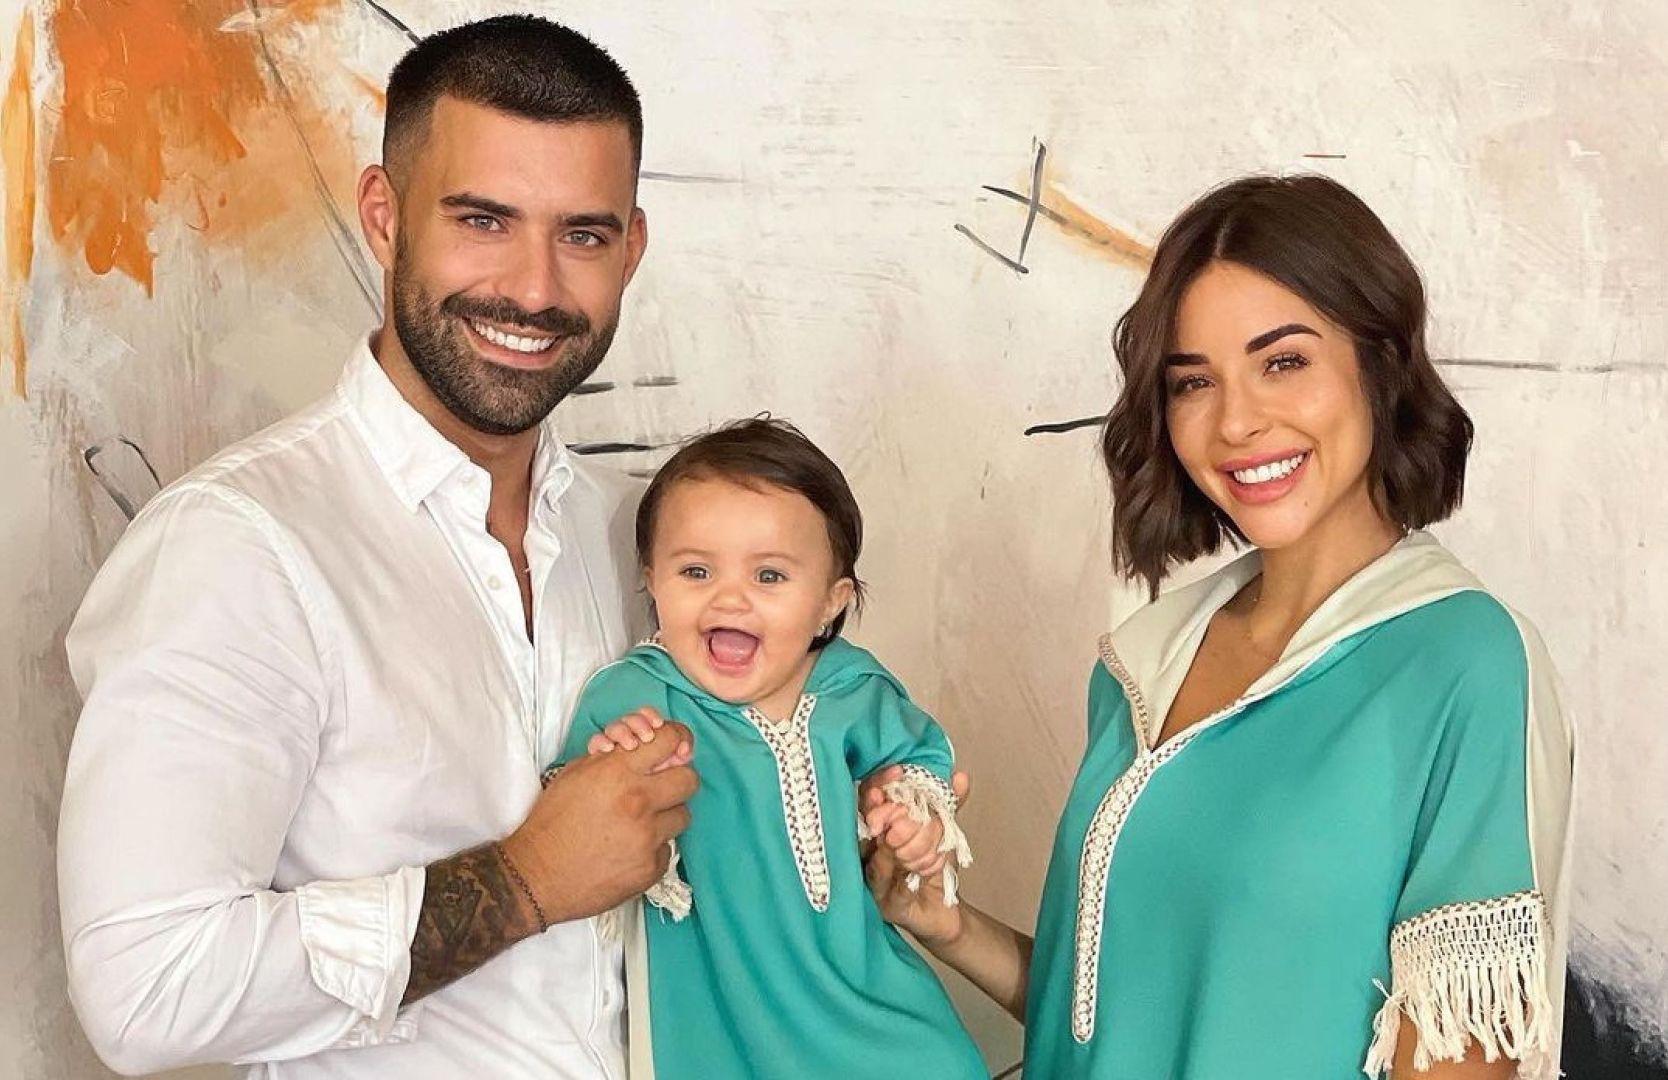 Vincent Queijo et Rym Renom bientôt de nouveau parents ? Ils ont des doutes !